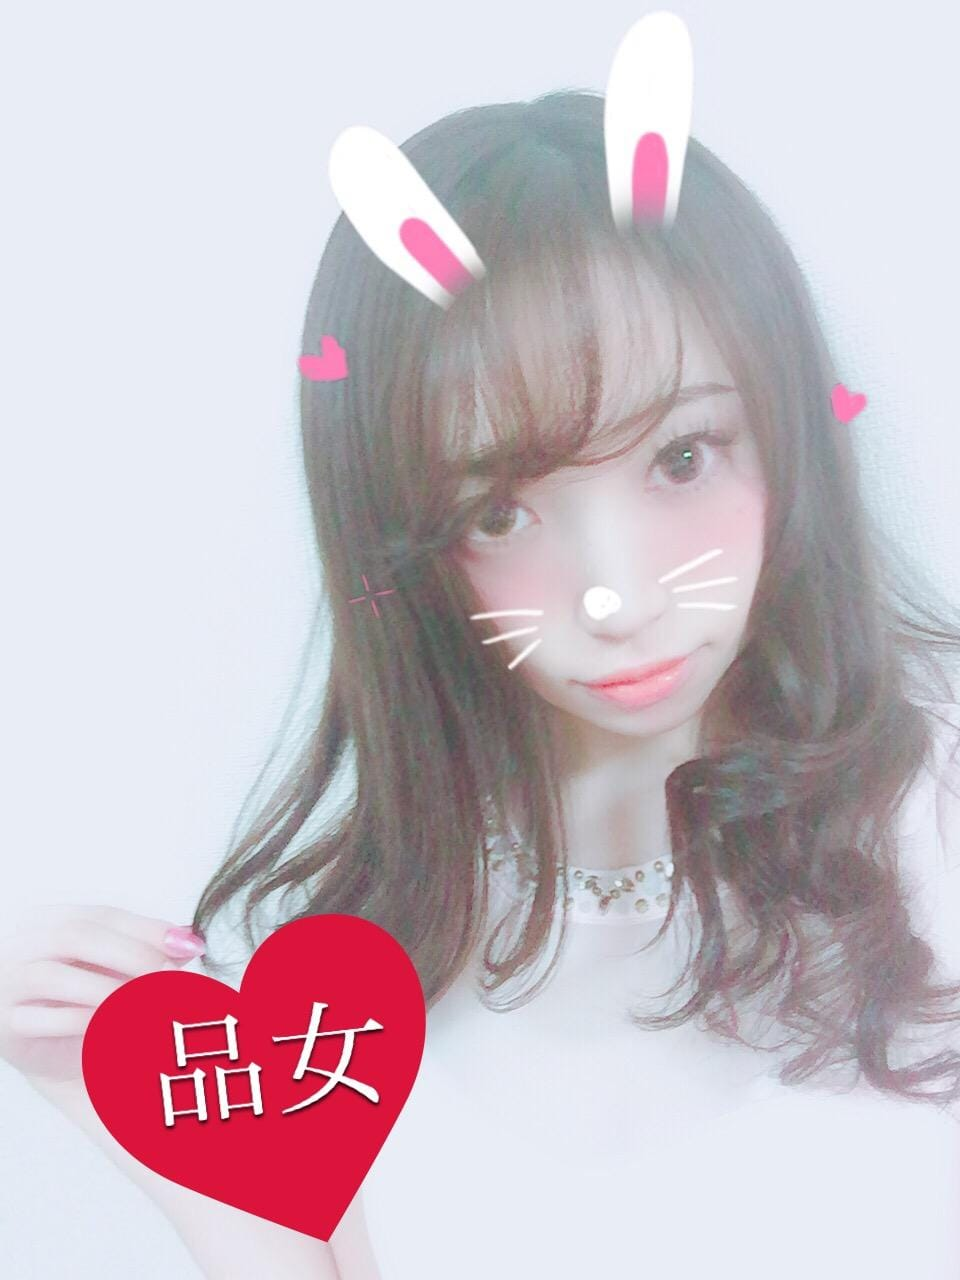 「ありさ」05/24(木) 16:56 | ありさの写メ・風俗動画